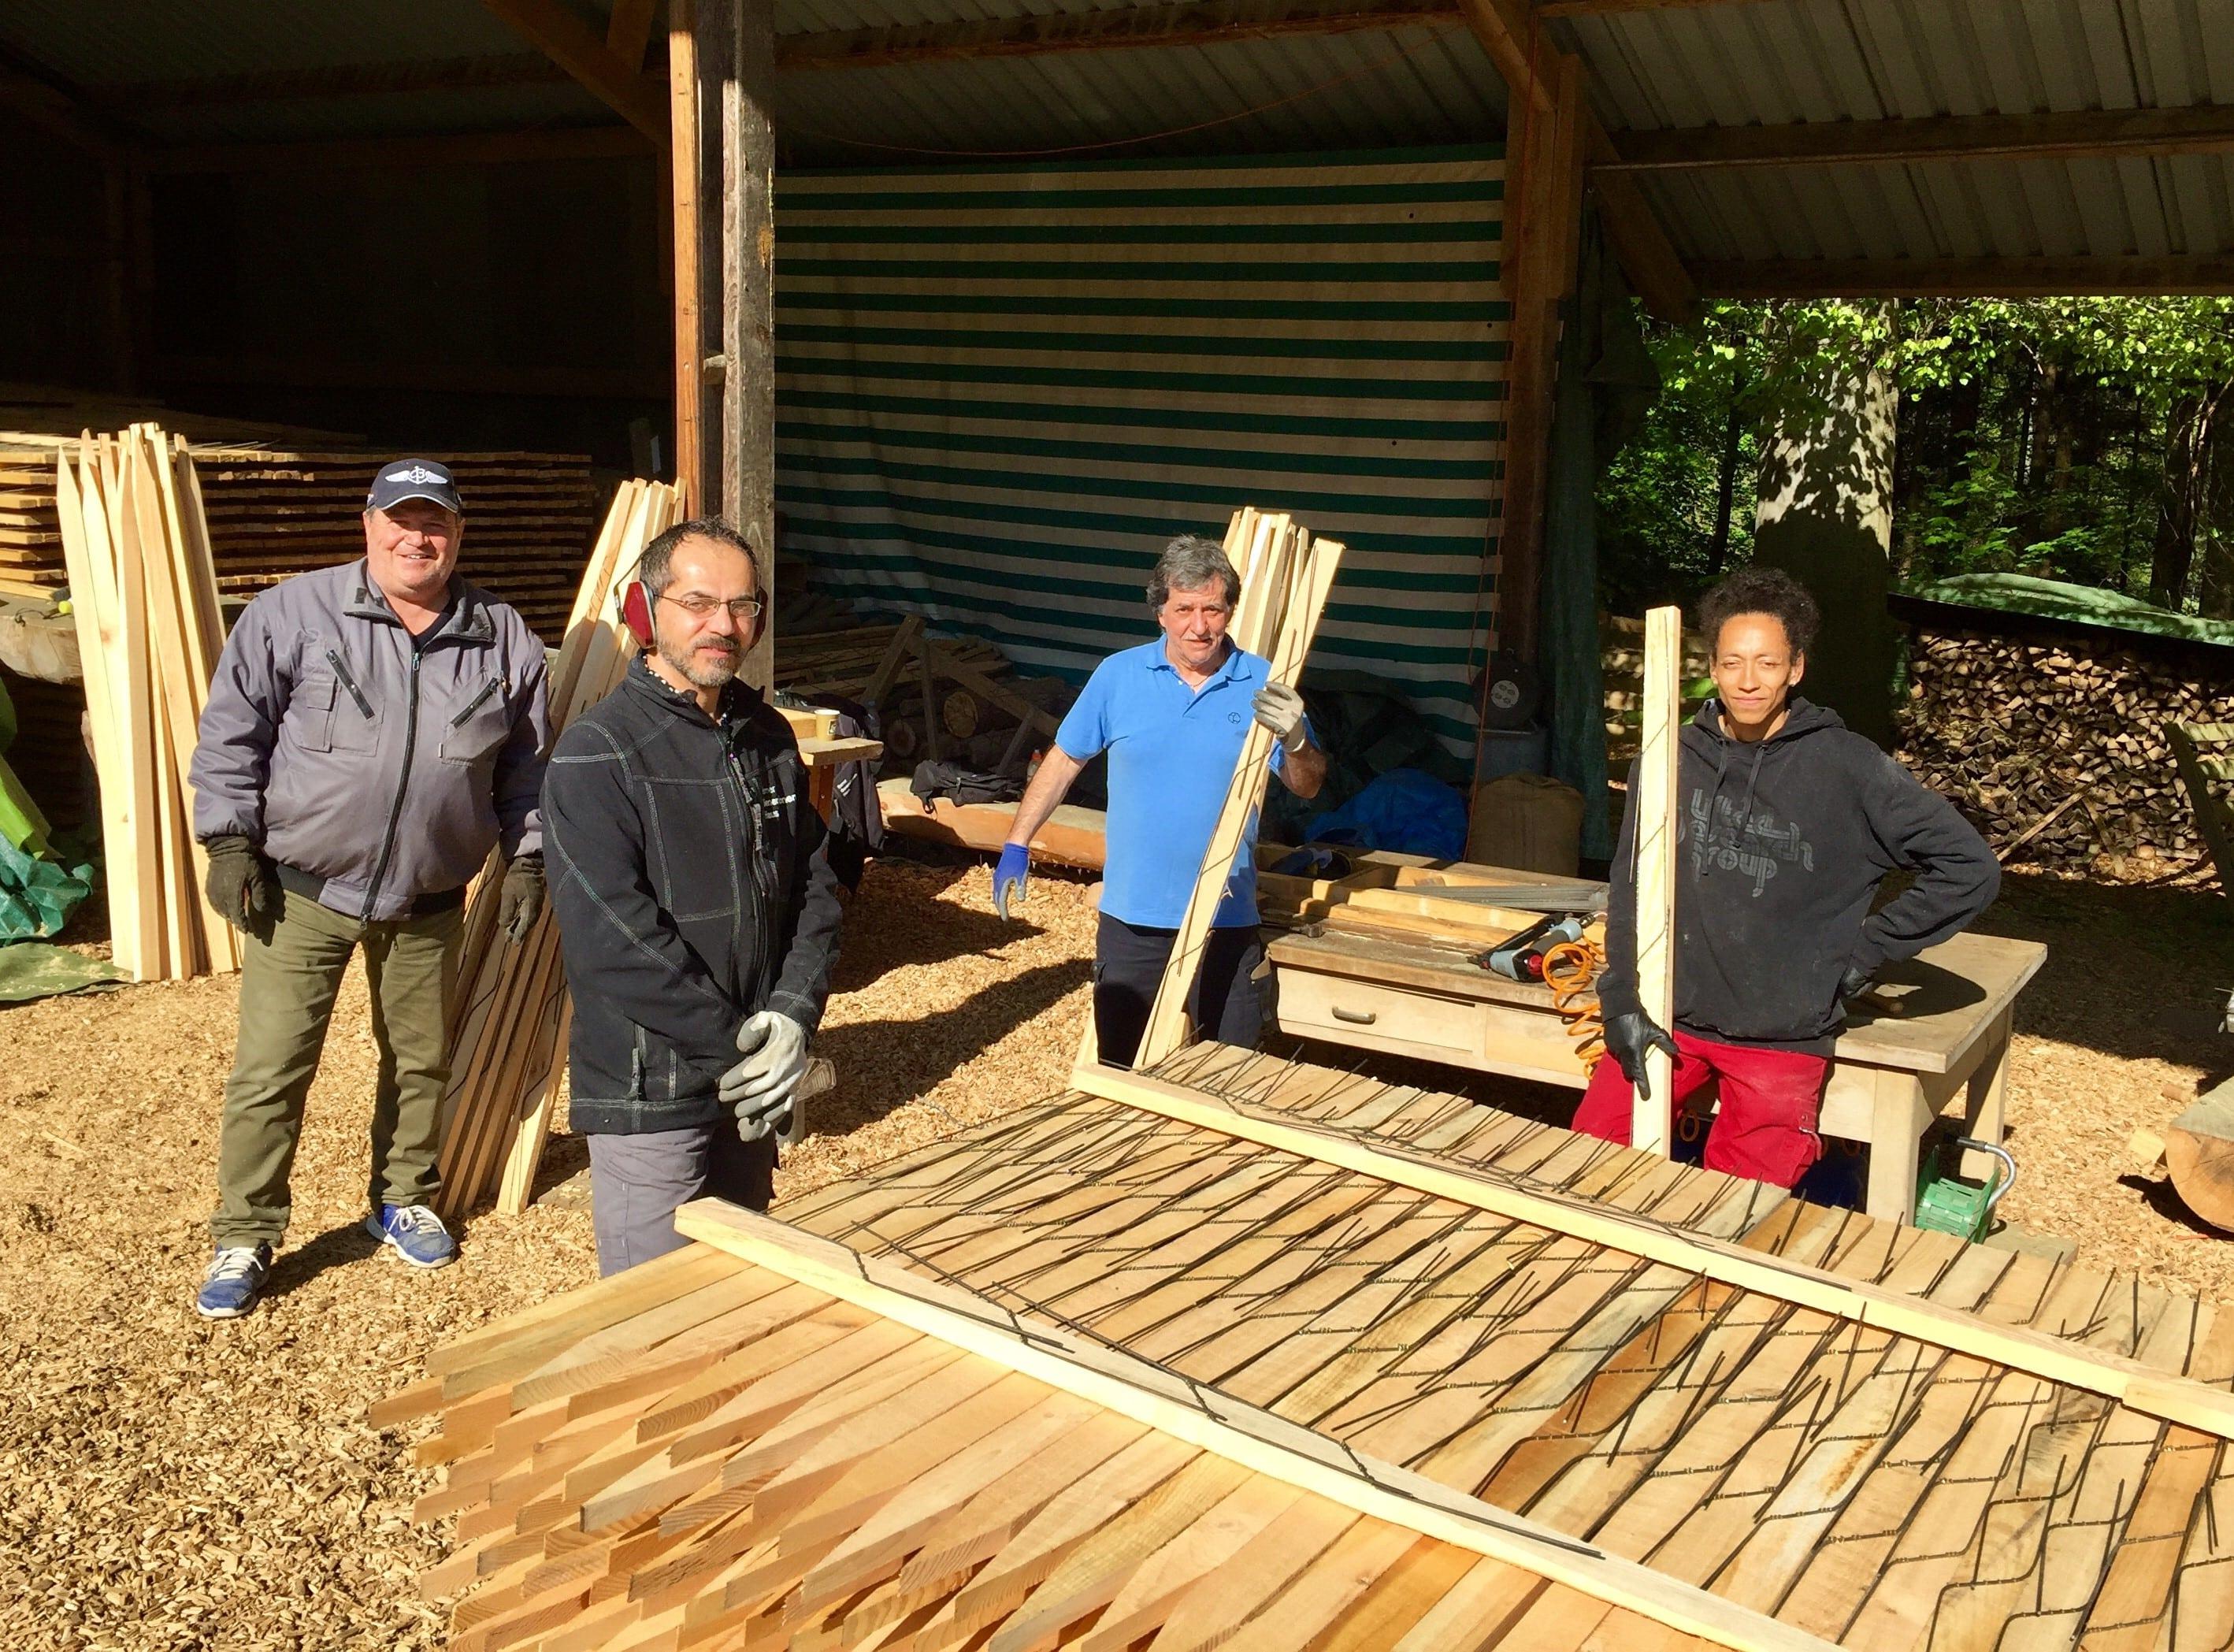 Gruppenbild mit viel Holz